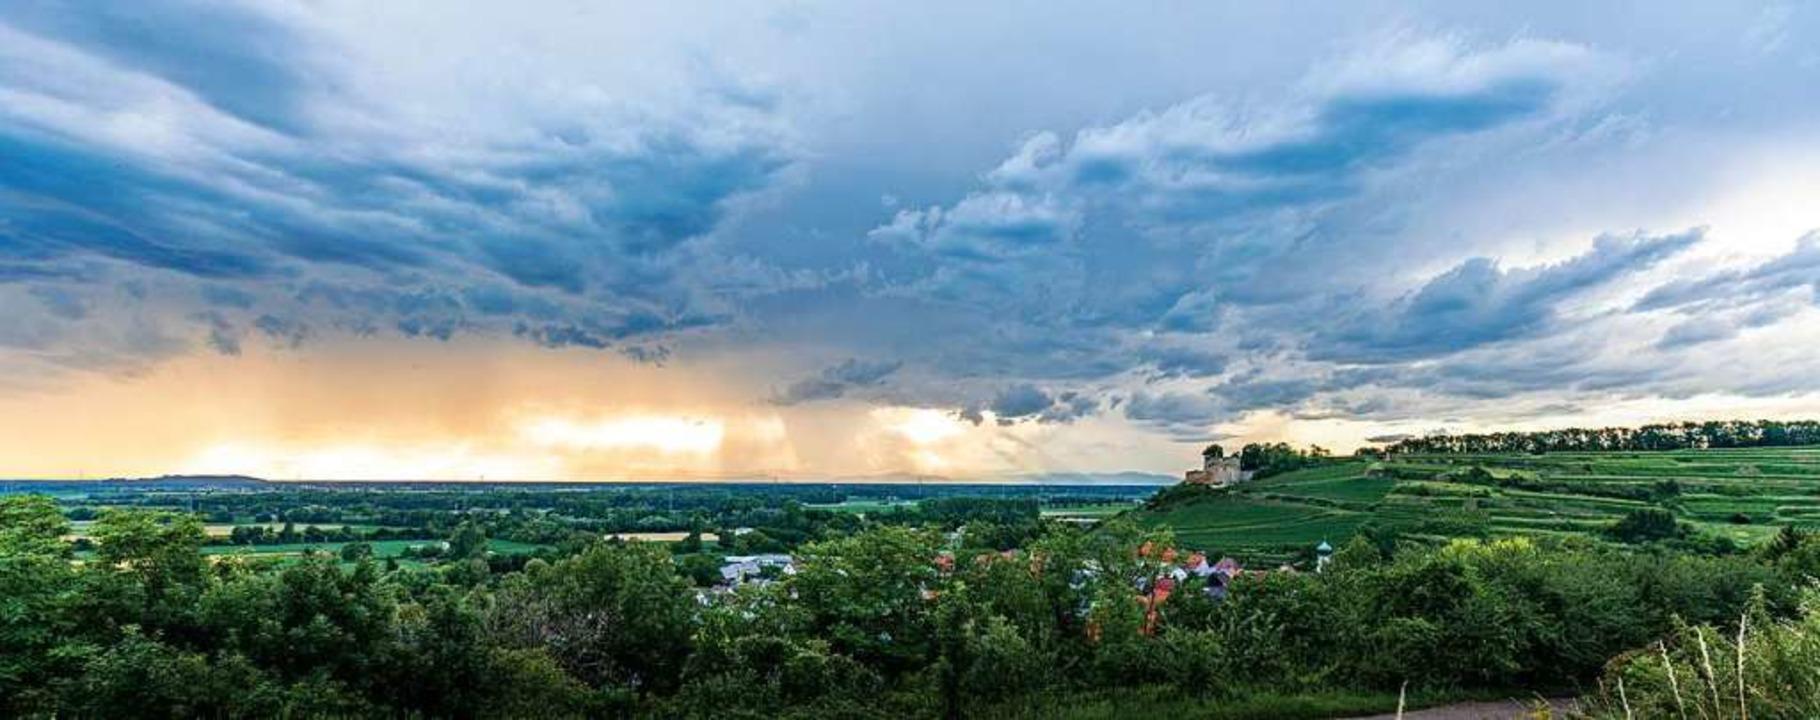 Bedrohliche Wolken  | Foto: HJ VAN AKKEREN